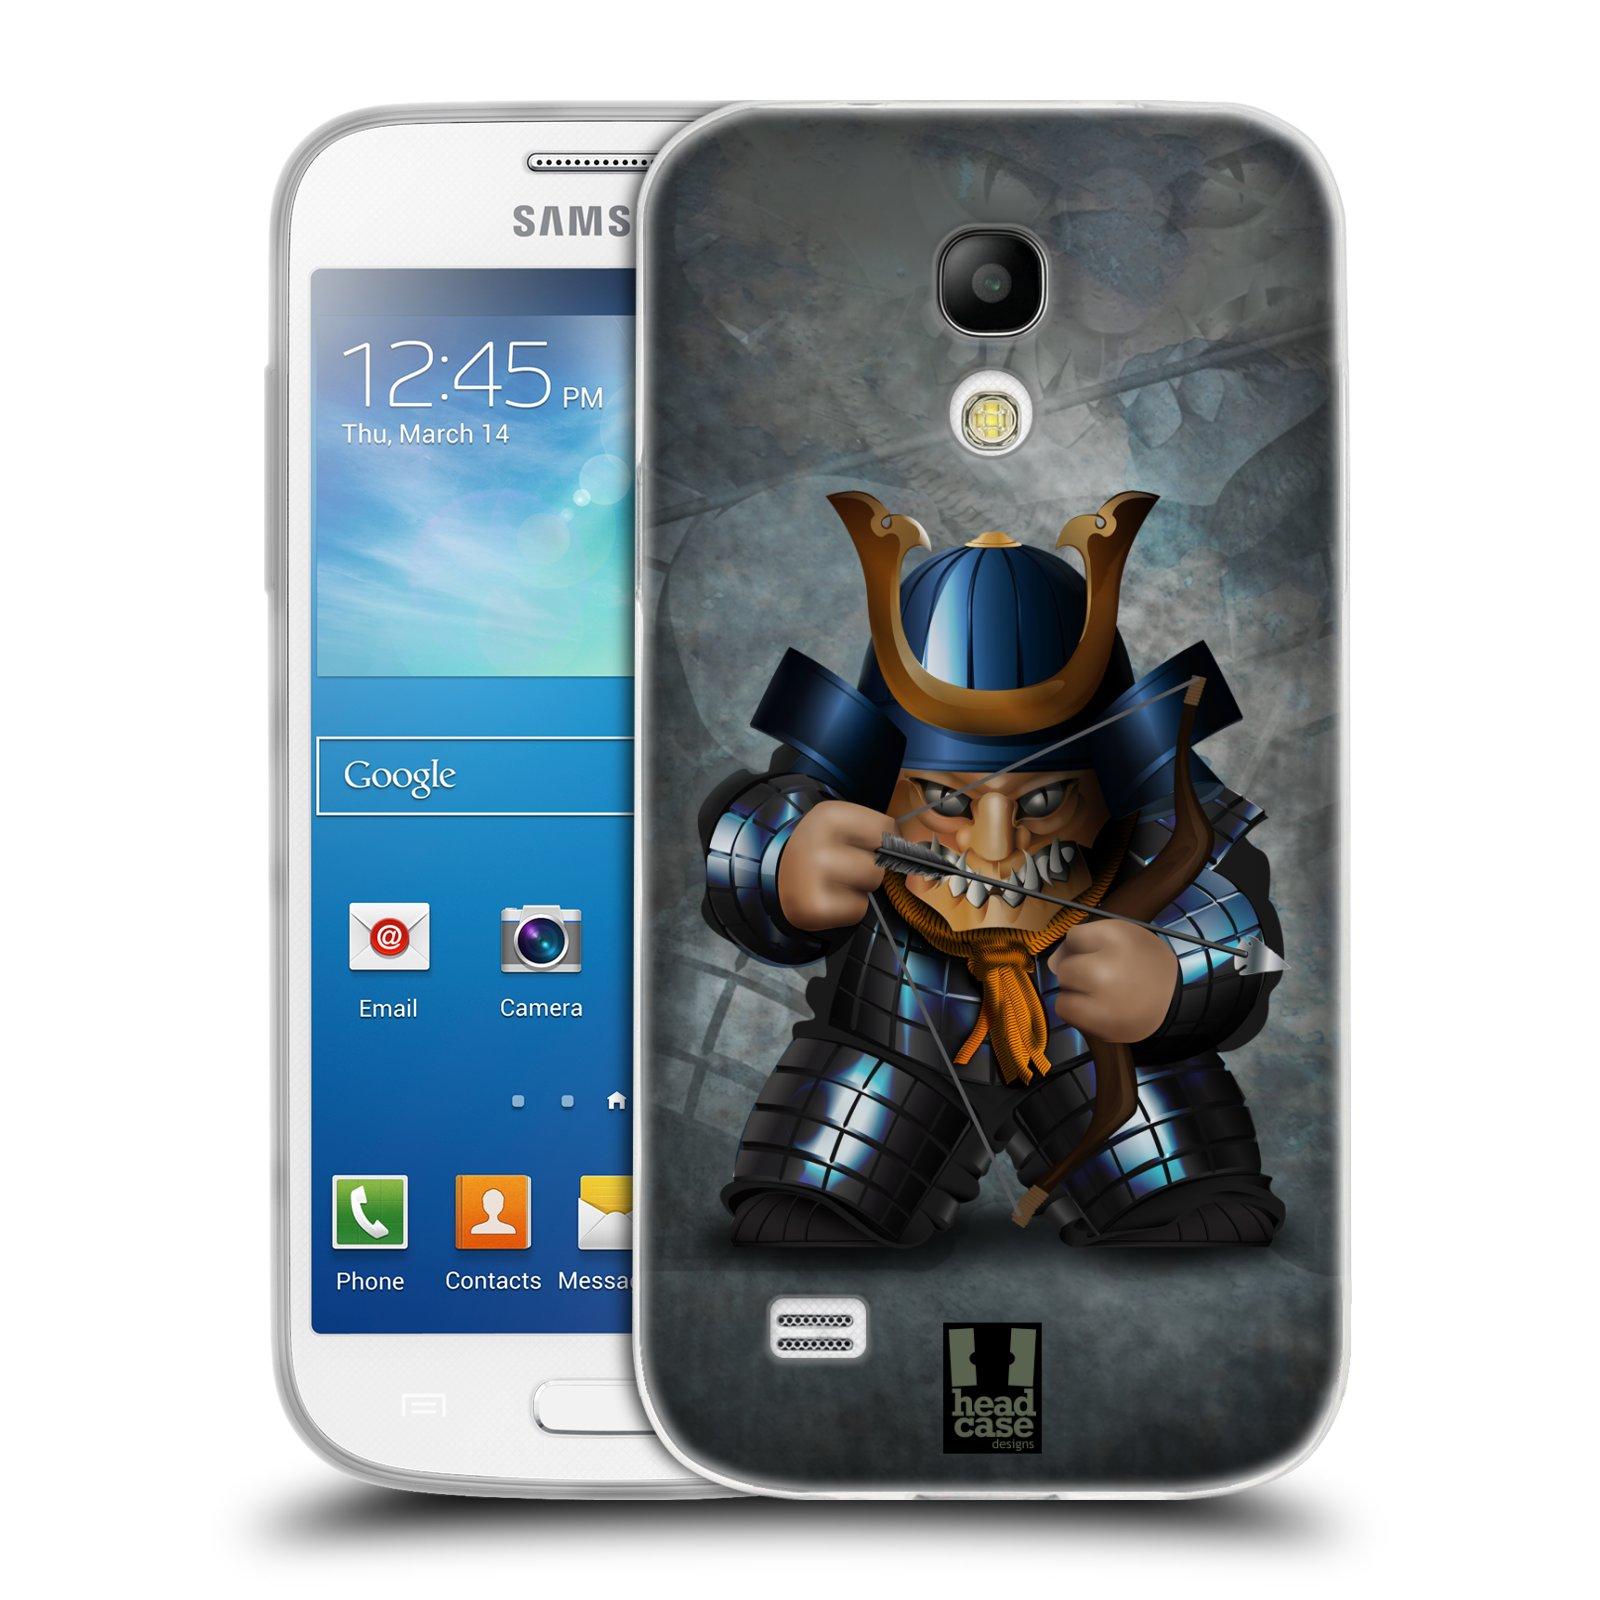 HEAD CASE silikonový obal na mobil Samsung Galaxy S4 MINI vzor Malí bojovníci SHOGUN STŘELEC